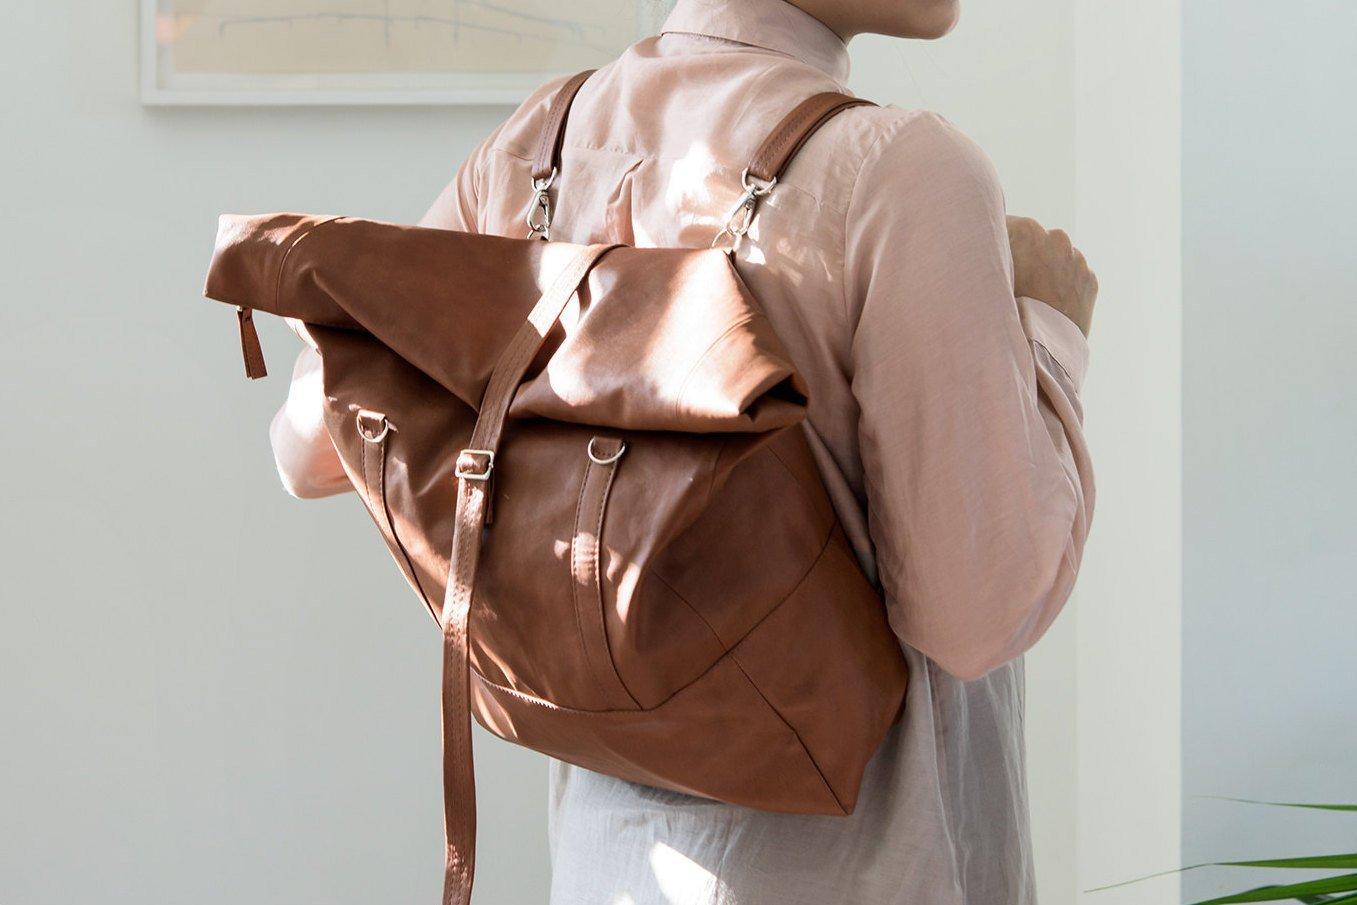 Богатый ассортимент сумок-рюкзаков можно объяснить, прежде всего, их  универсальностью и практичностью ... 2586538a89d